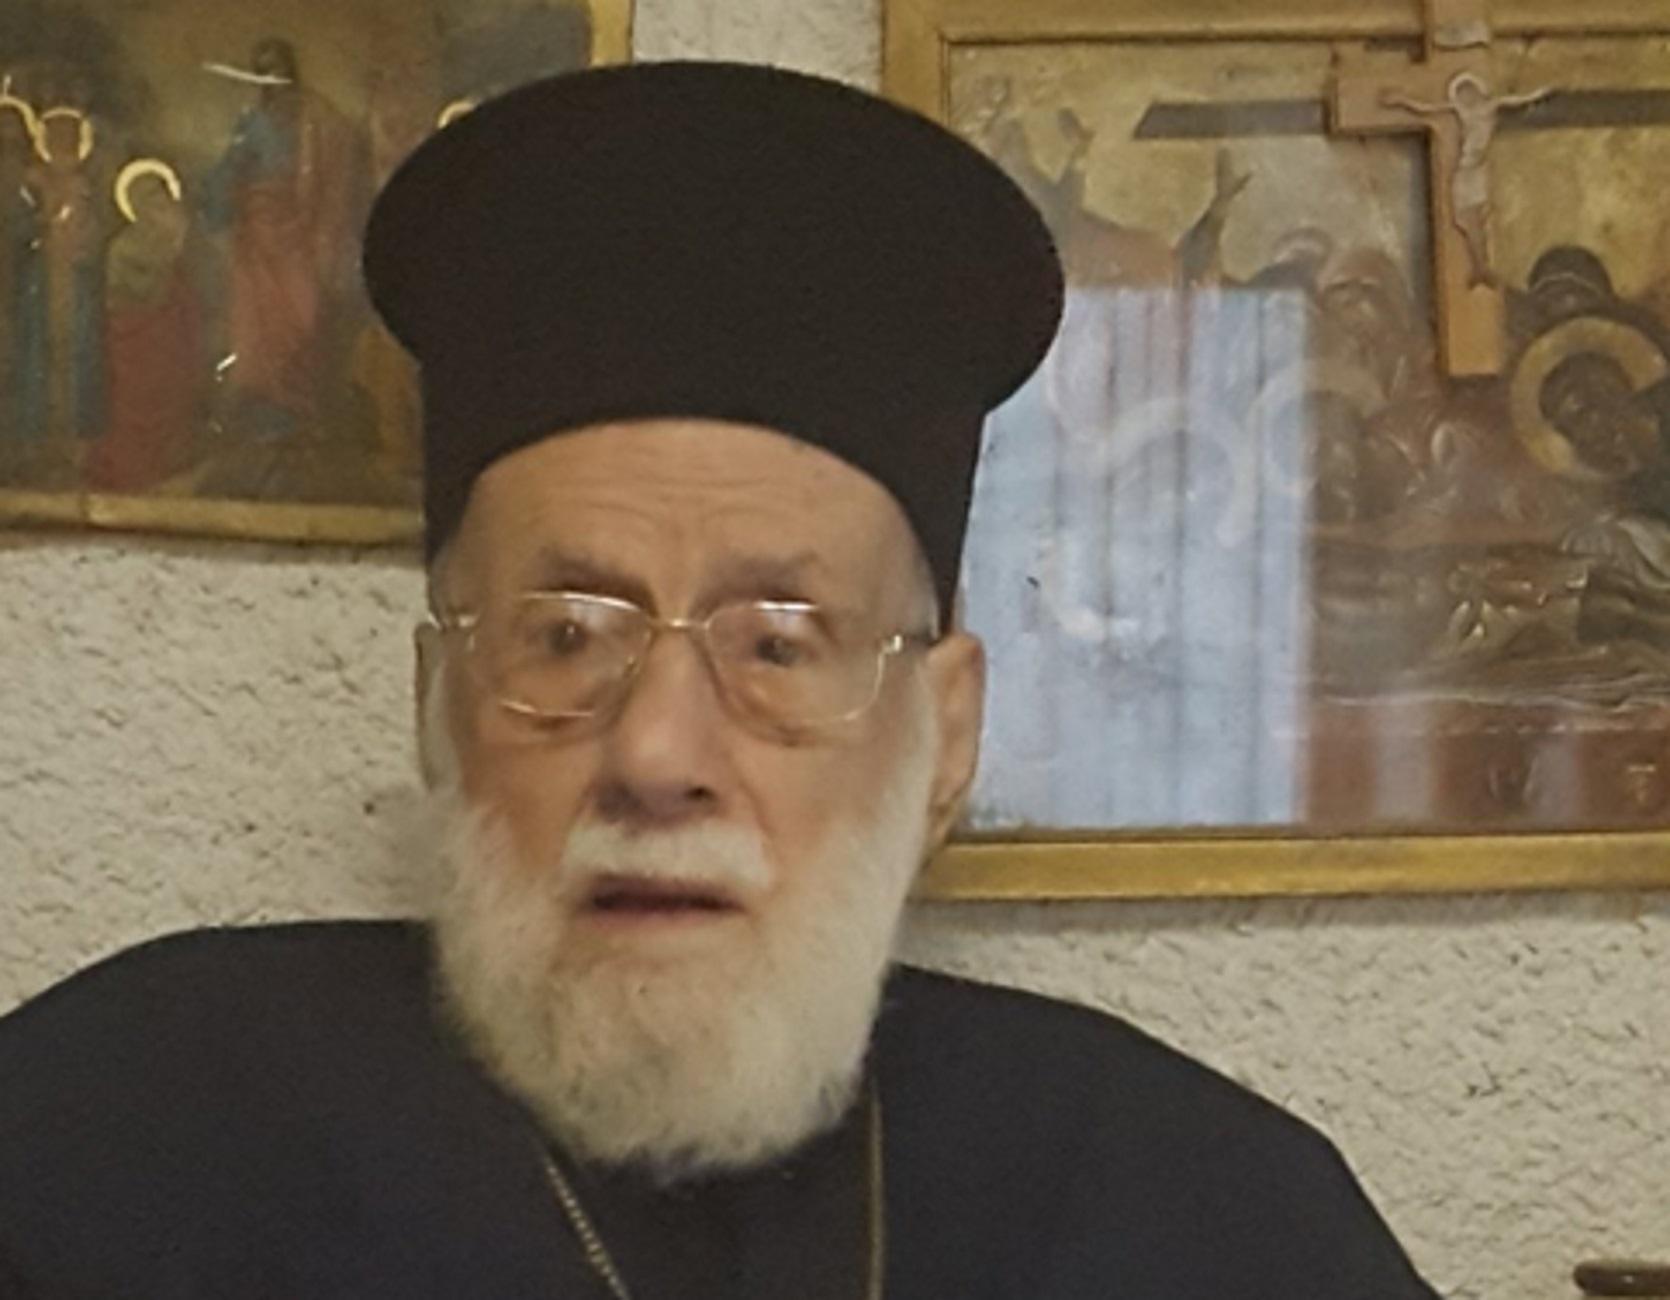 Φθιώτιδα: Εκοιμήθη ο ιερέας που έγινε γνωστός και αγαπητός στην Αμφίκλεια! Η είδηση που προκαλεί θλίψη